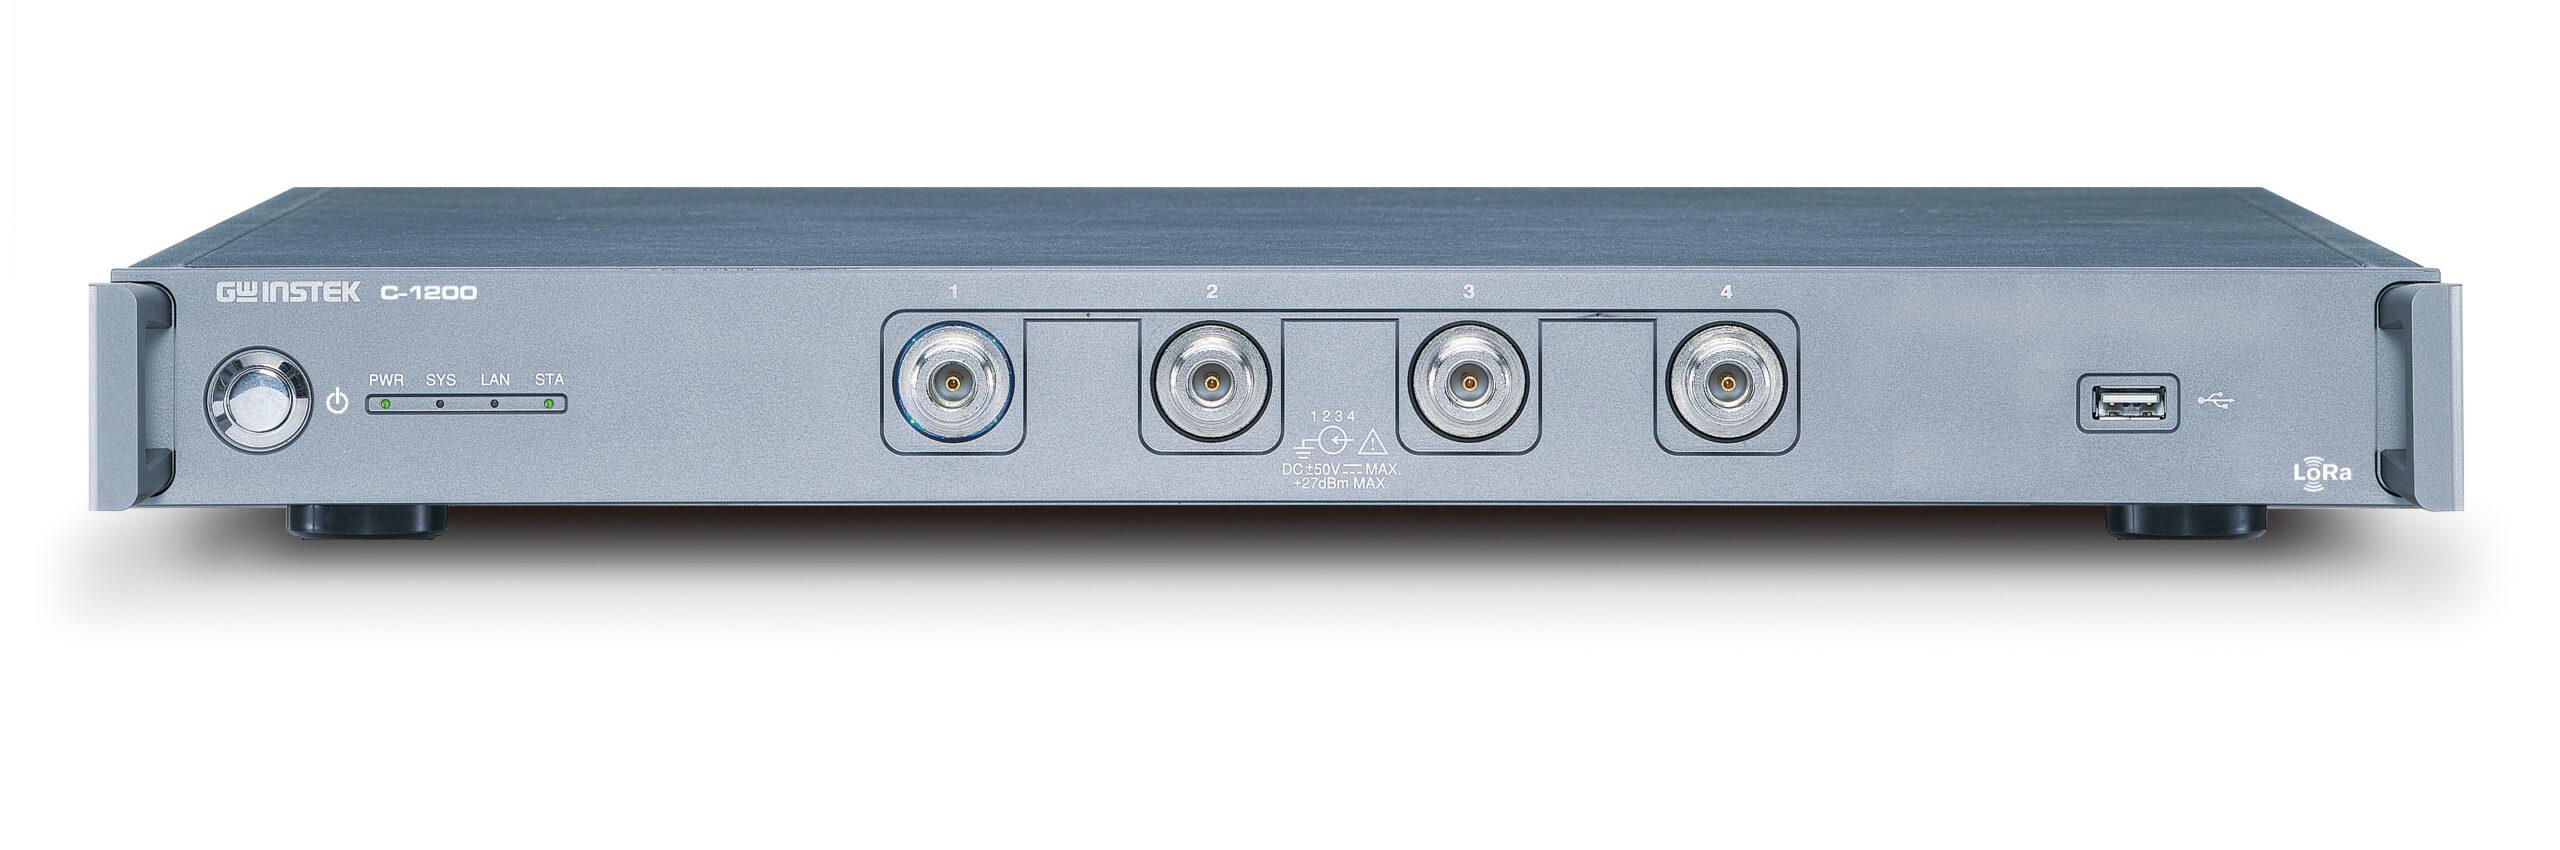 GWInstek C-1200 Multi-Channel LoRa Tester